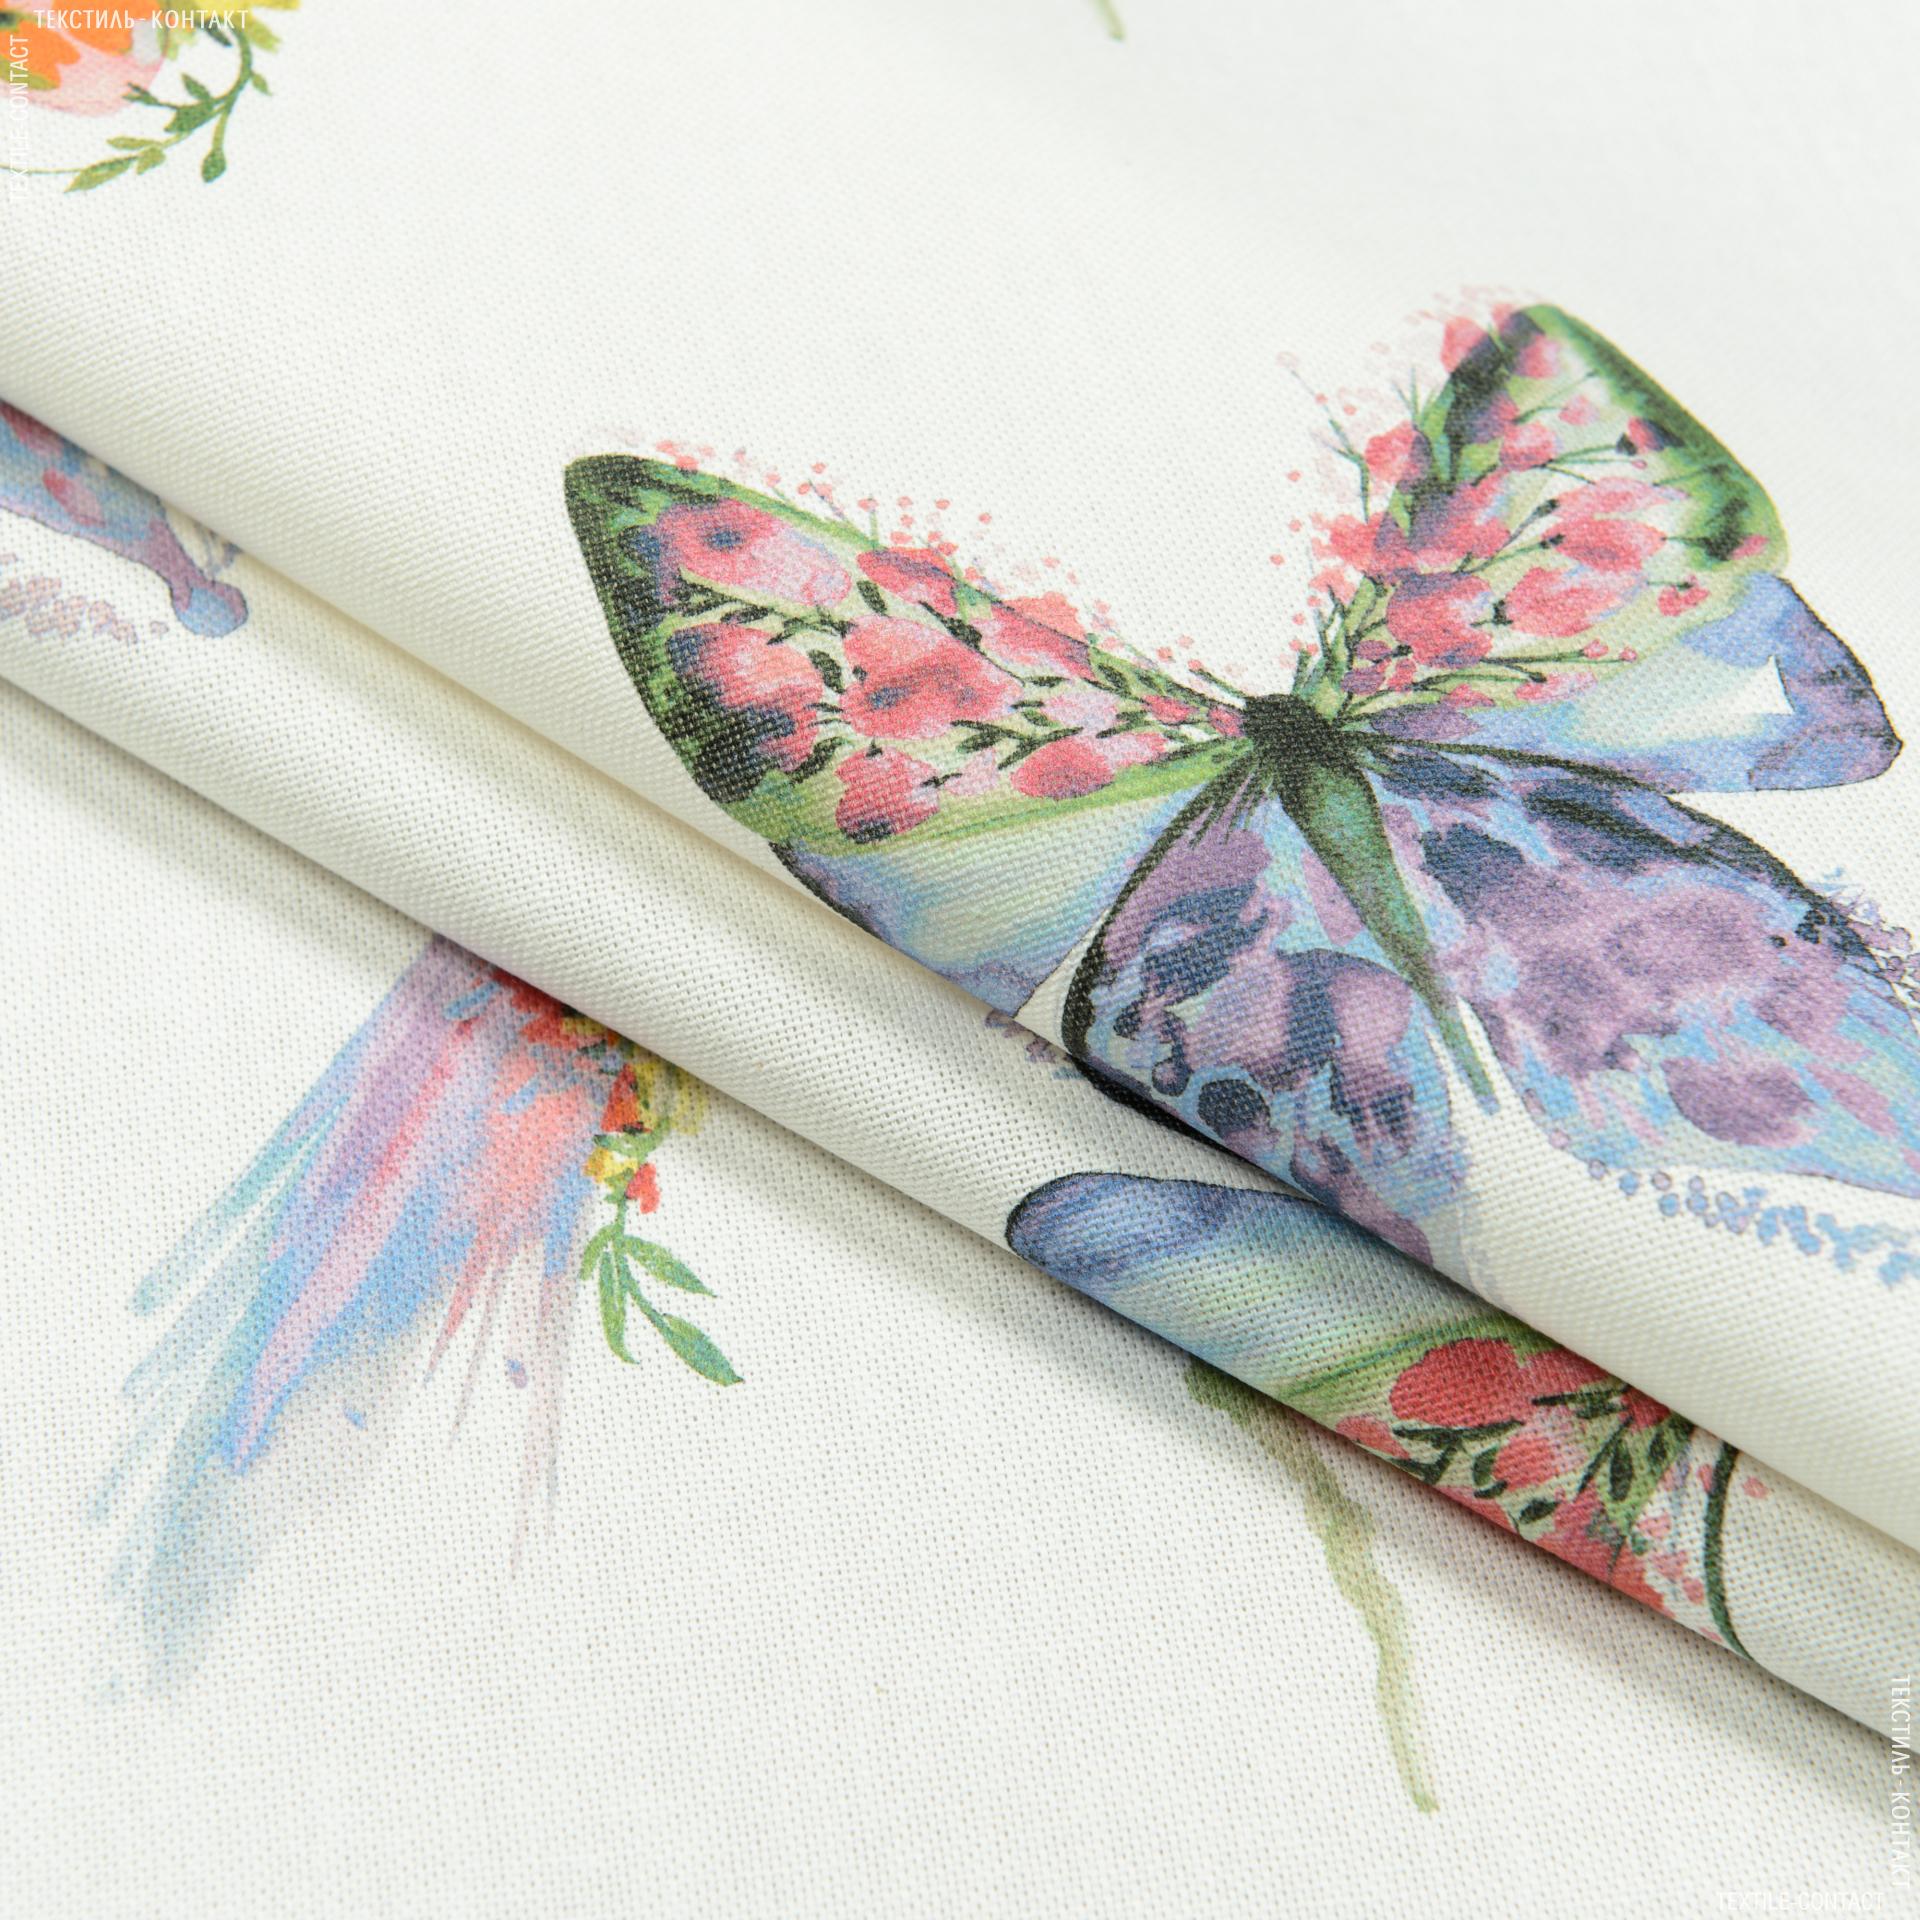 Купить декоративные бабочки из ткани ткани купить недорого воронеж